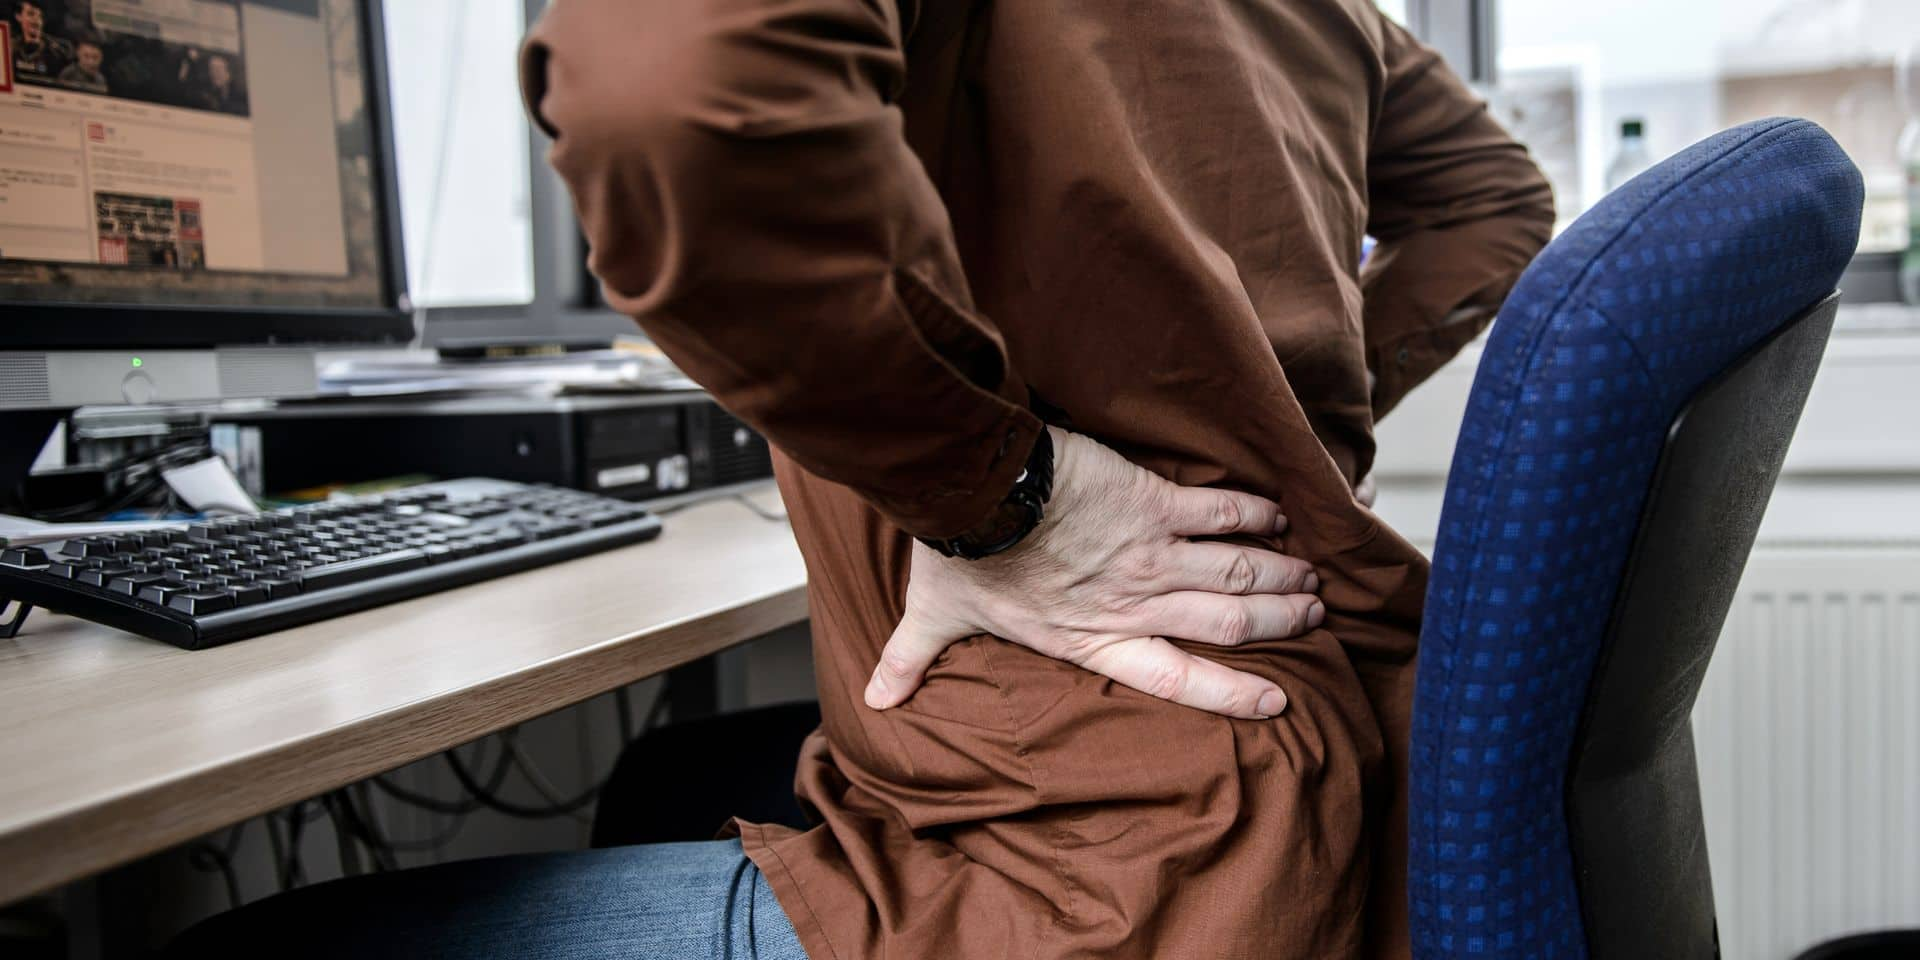 Des chiffres inquiétants: près de la moitié des employés de bureau souffrent de problèmes physiques